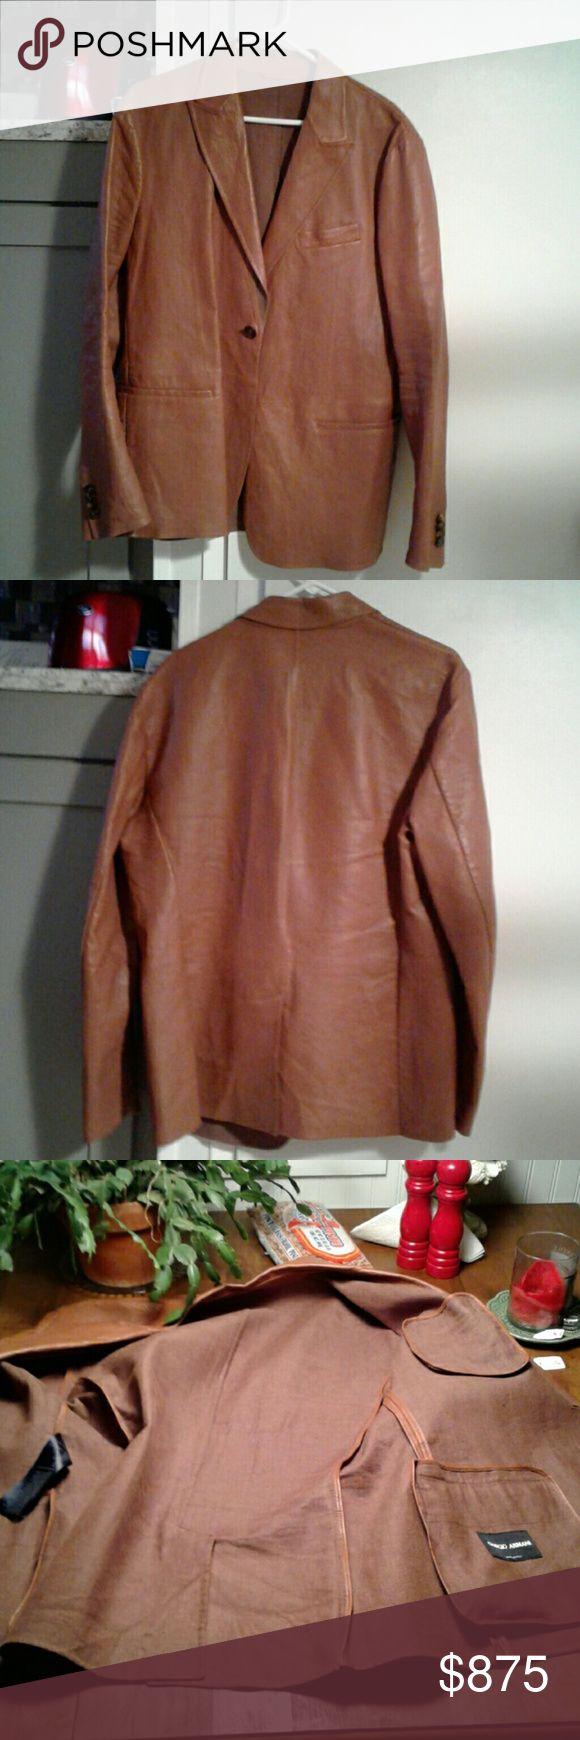 Selling this GIORGIO ARMANI leather jacket EU554 EU56 on Poshmark! My username is: 1955oldman. #shopmycloset #poshmark #fashion #shopping #style #forsale #Giorgio Armani #Other